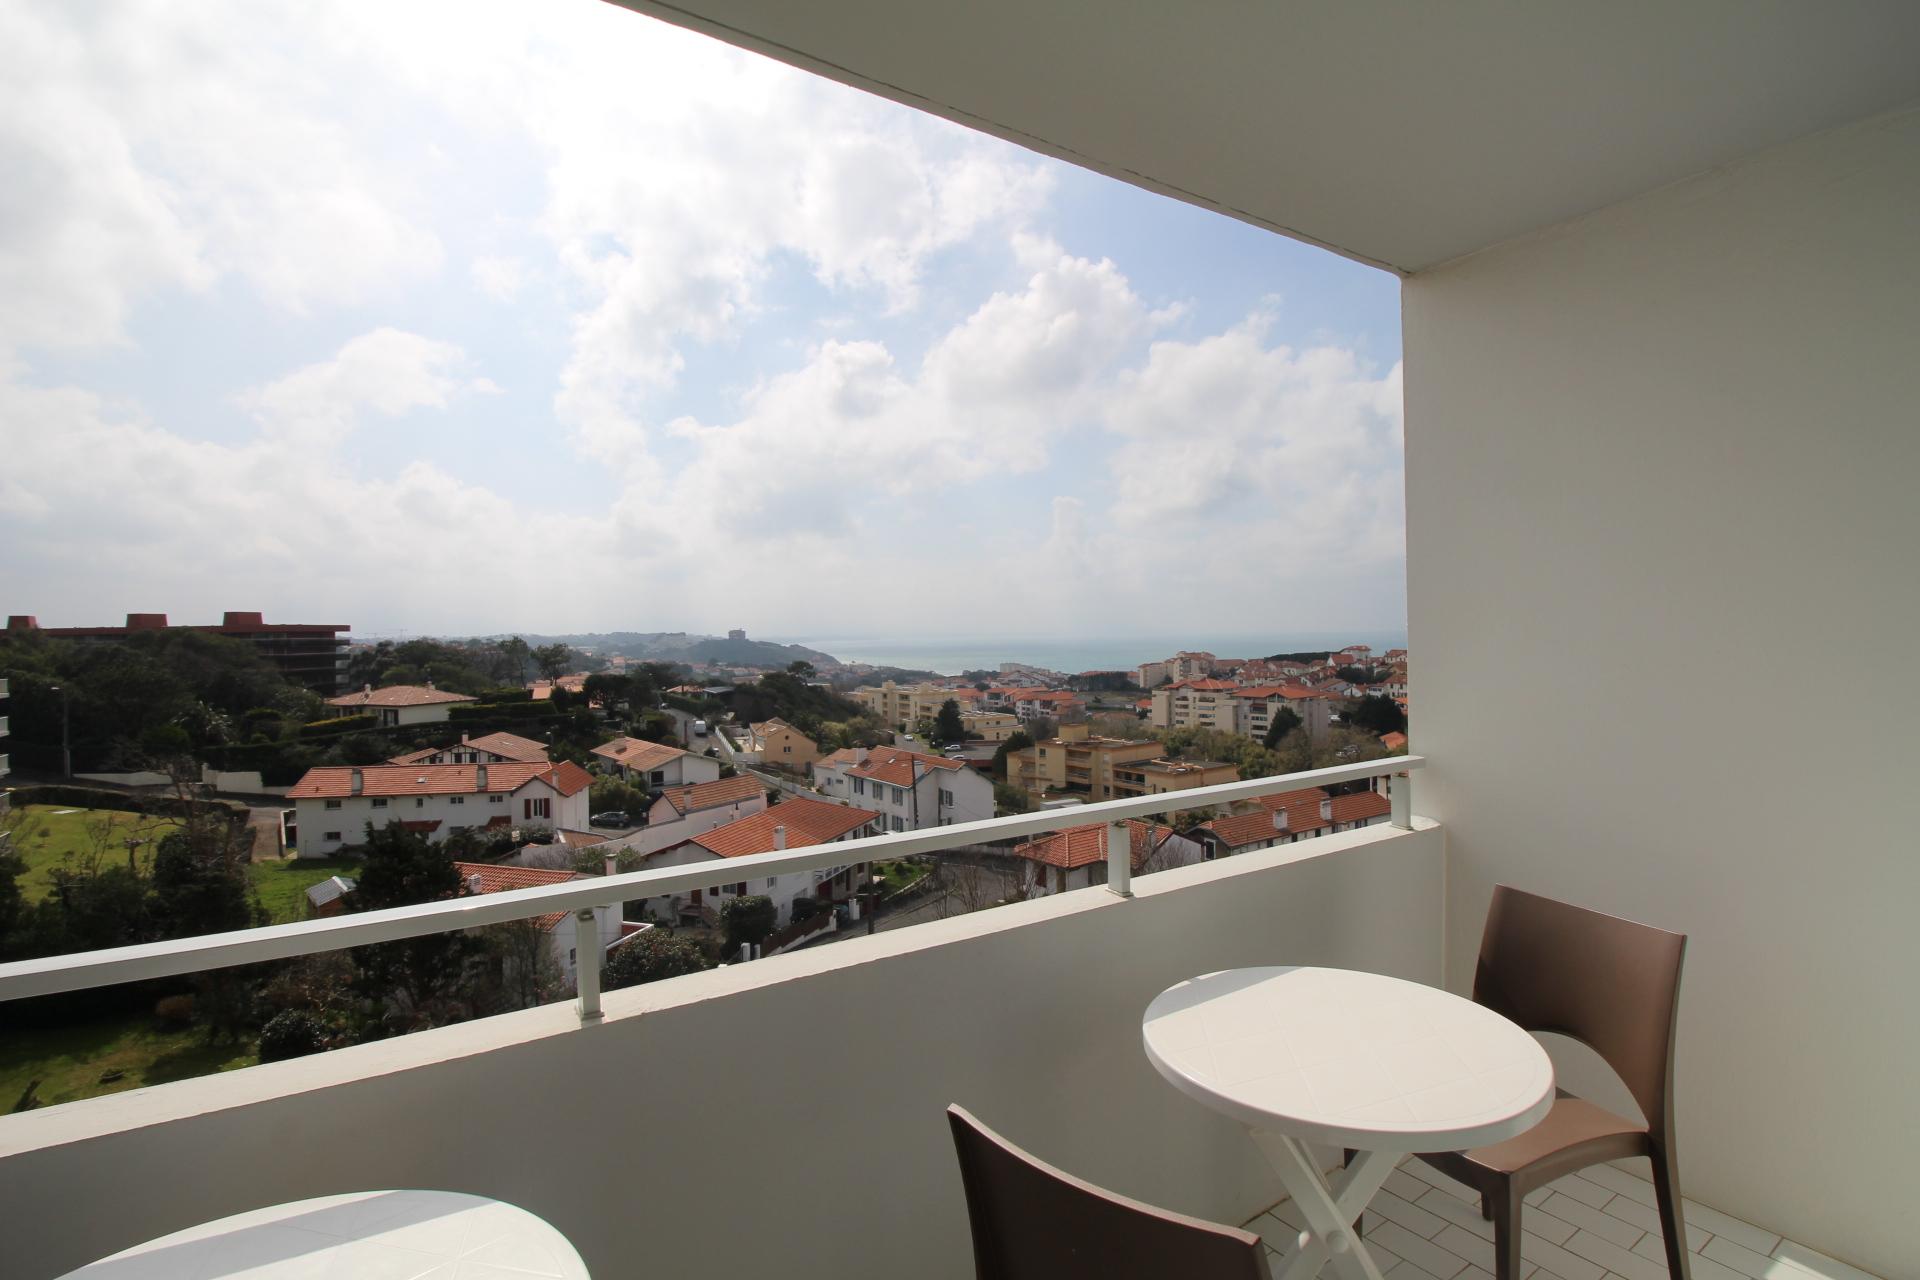 Investir dans l'immobilier à Biarritz: 7 raisons de le faire